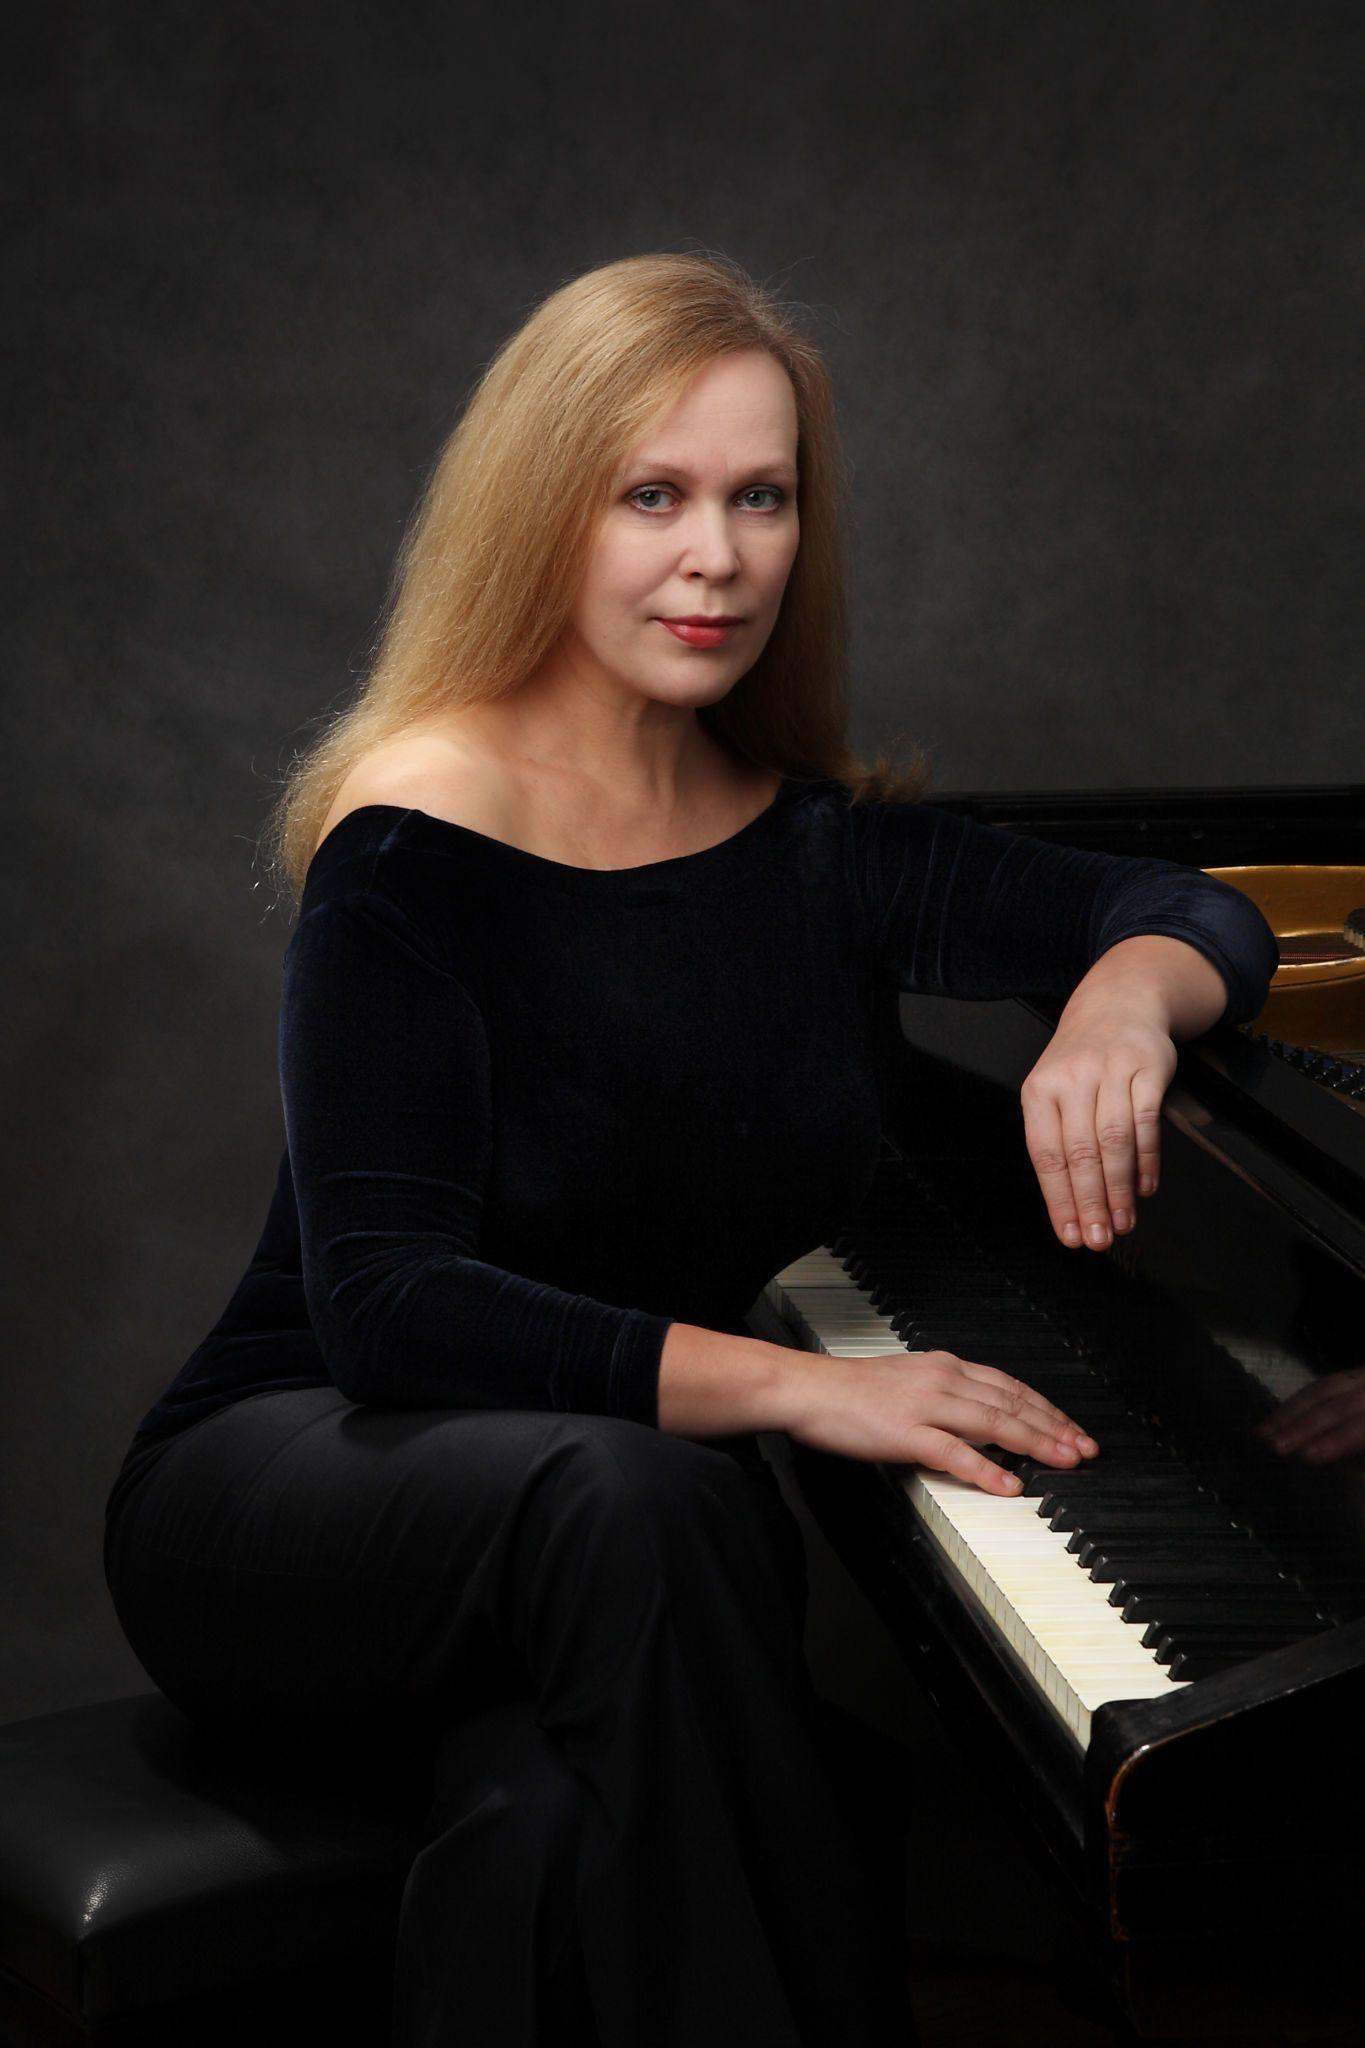 Eleonora Teplukhina